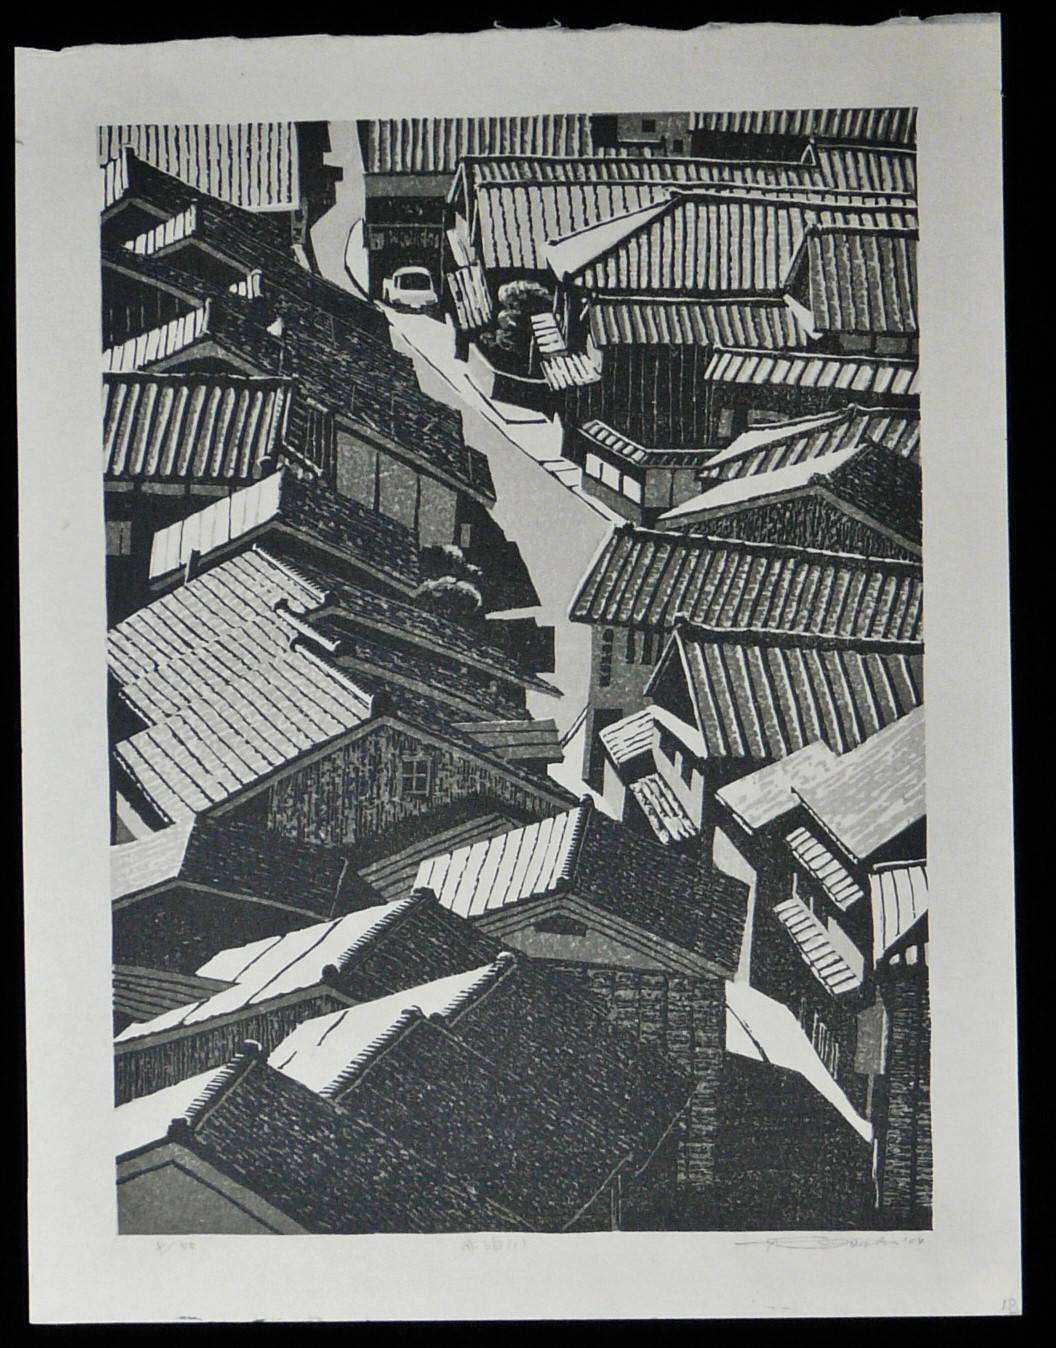 #P2584 AKADOMARI by Tadashi Osaka